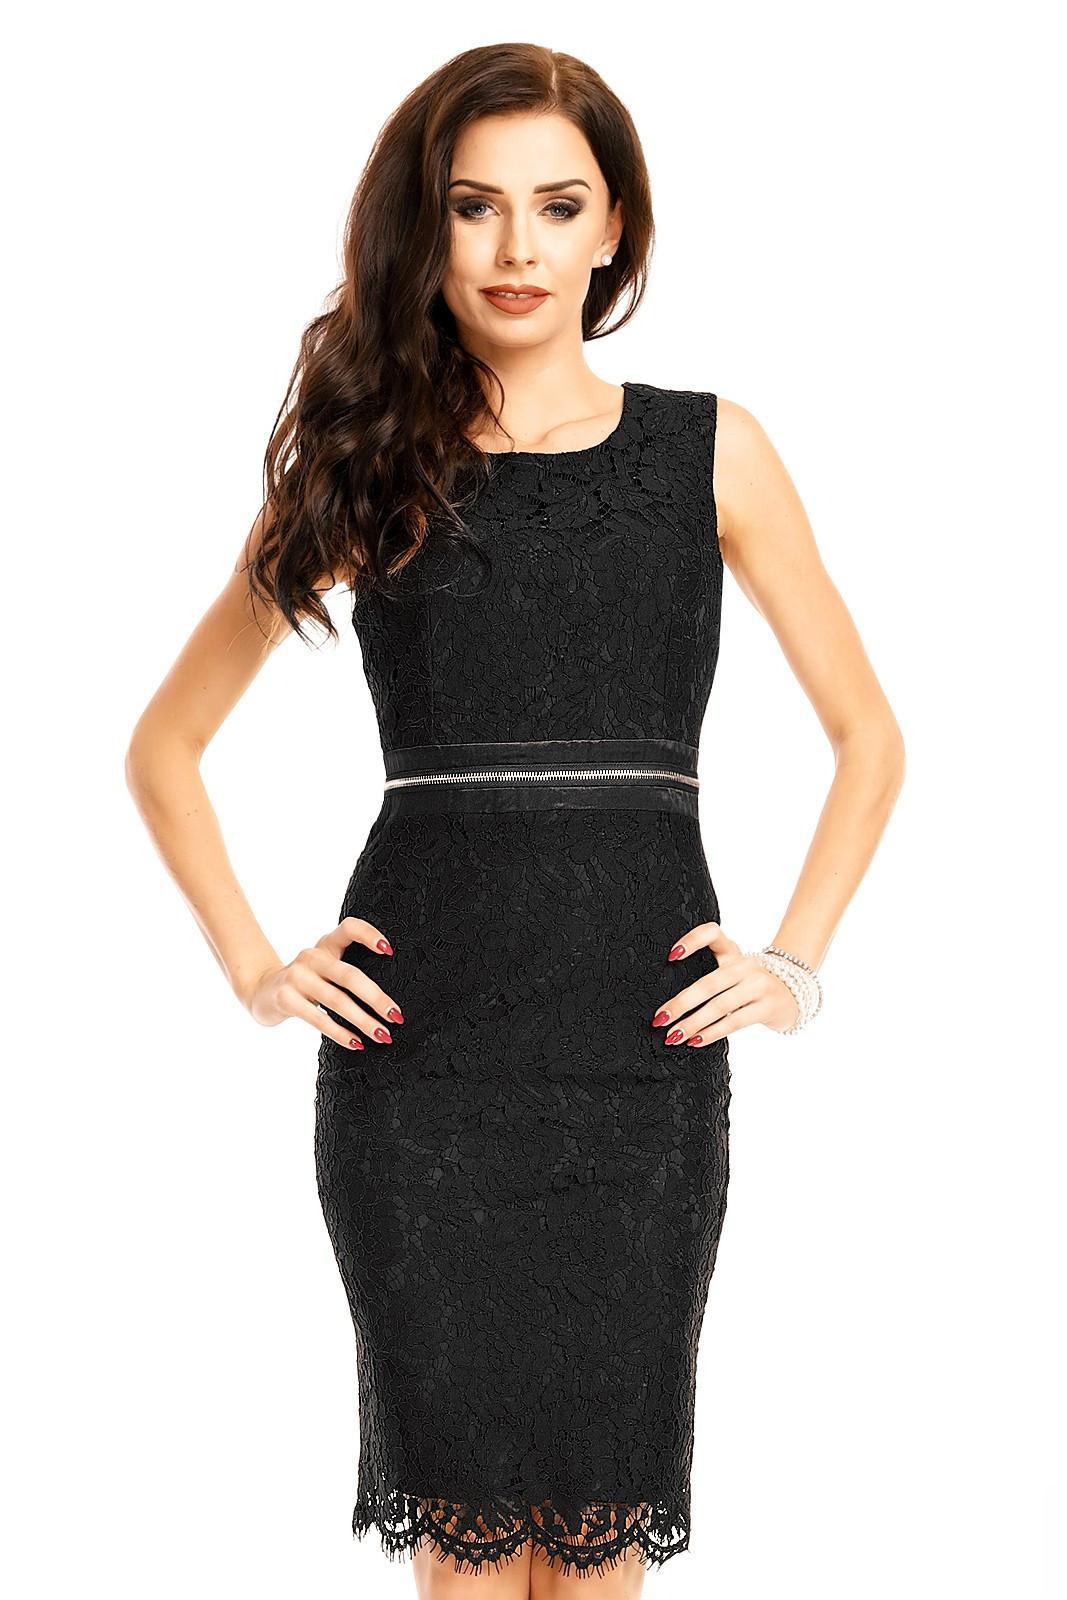 Čipkované dámske šaty bez rukávov stredne dlhé čierne - Čierna / XL - MAYAADI čierna XL